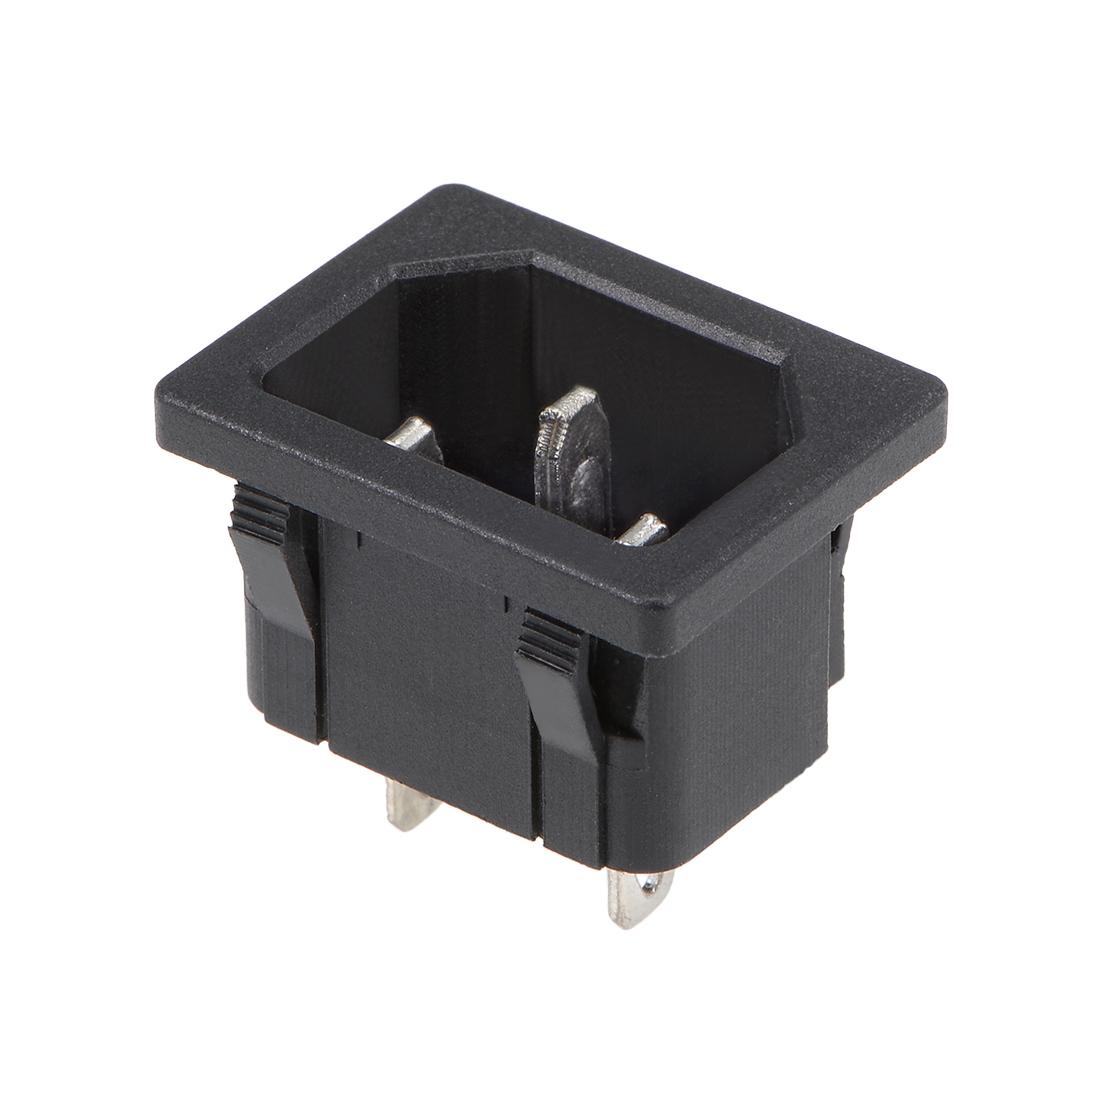 IEC 320 C14 Inlet Socket, Power Module Adapter Male Socket AC 250V 10A